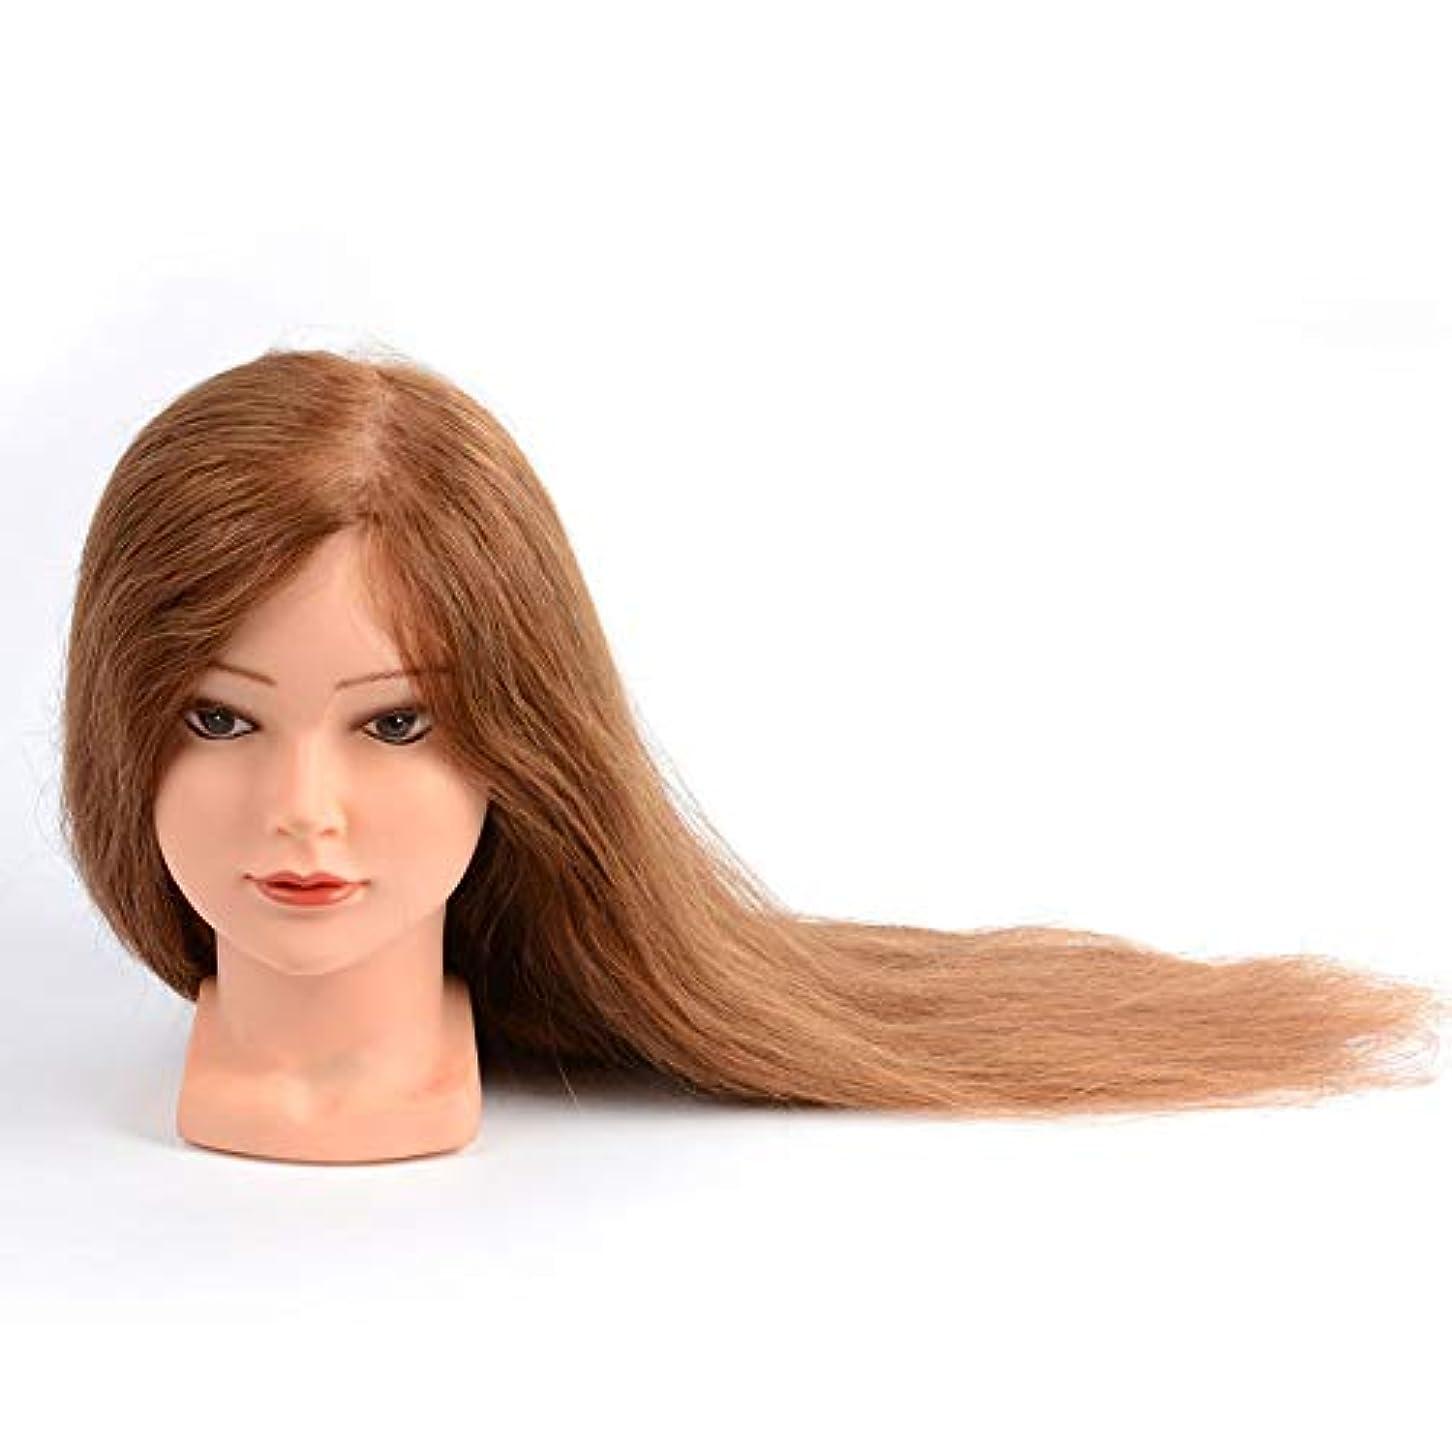 変成器サンダー重要な実在の人の髪のダミーヘッド理髪店学習パーマ髪染めウィッグモデルヘッド花嫁メイクスタイル教育ヘッド